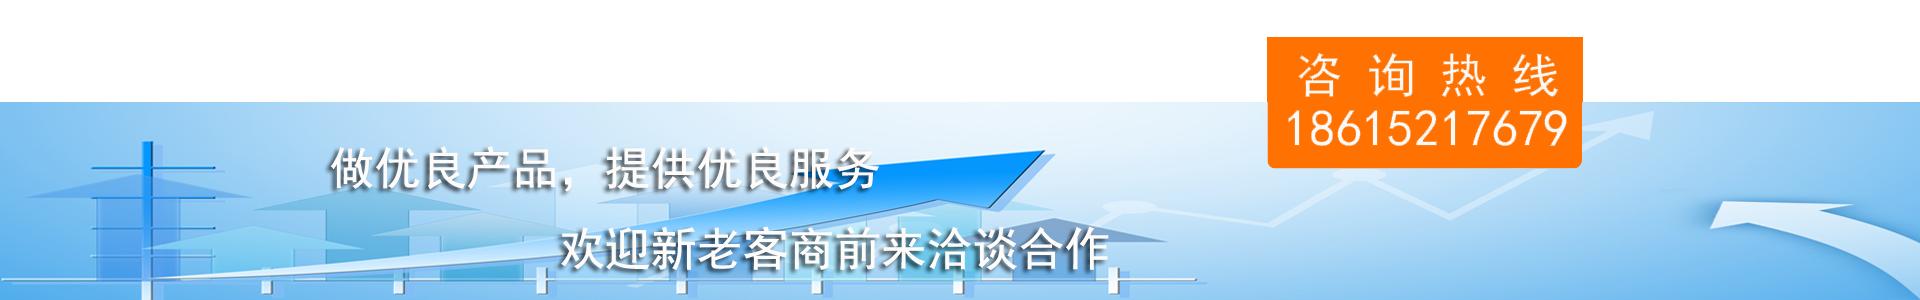 山东日月升包装有限公司做优质产品,提供优质服务,欢迎新老商家前来洽谈合作,咨询热线18615217679